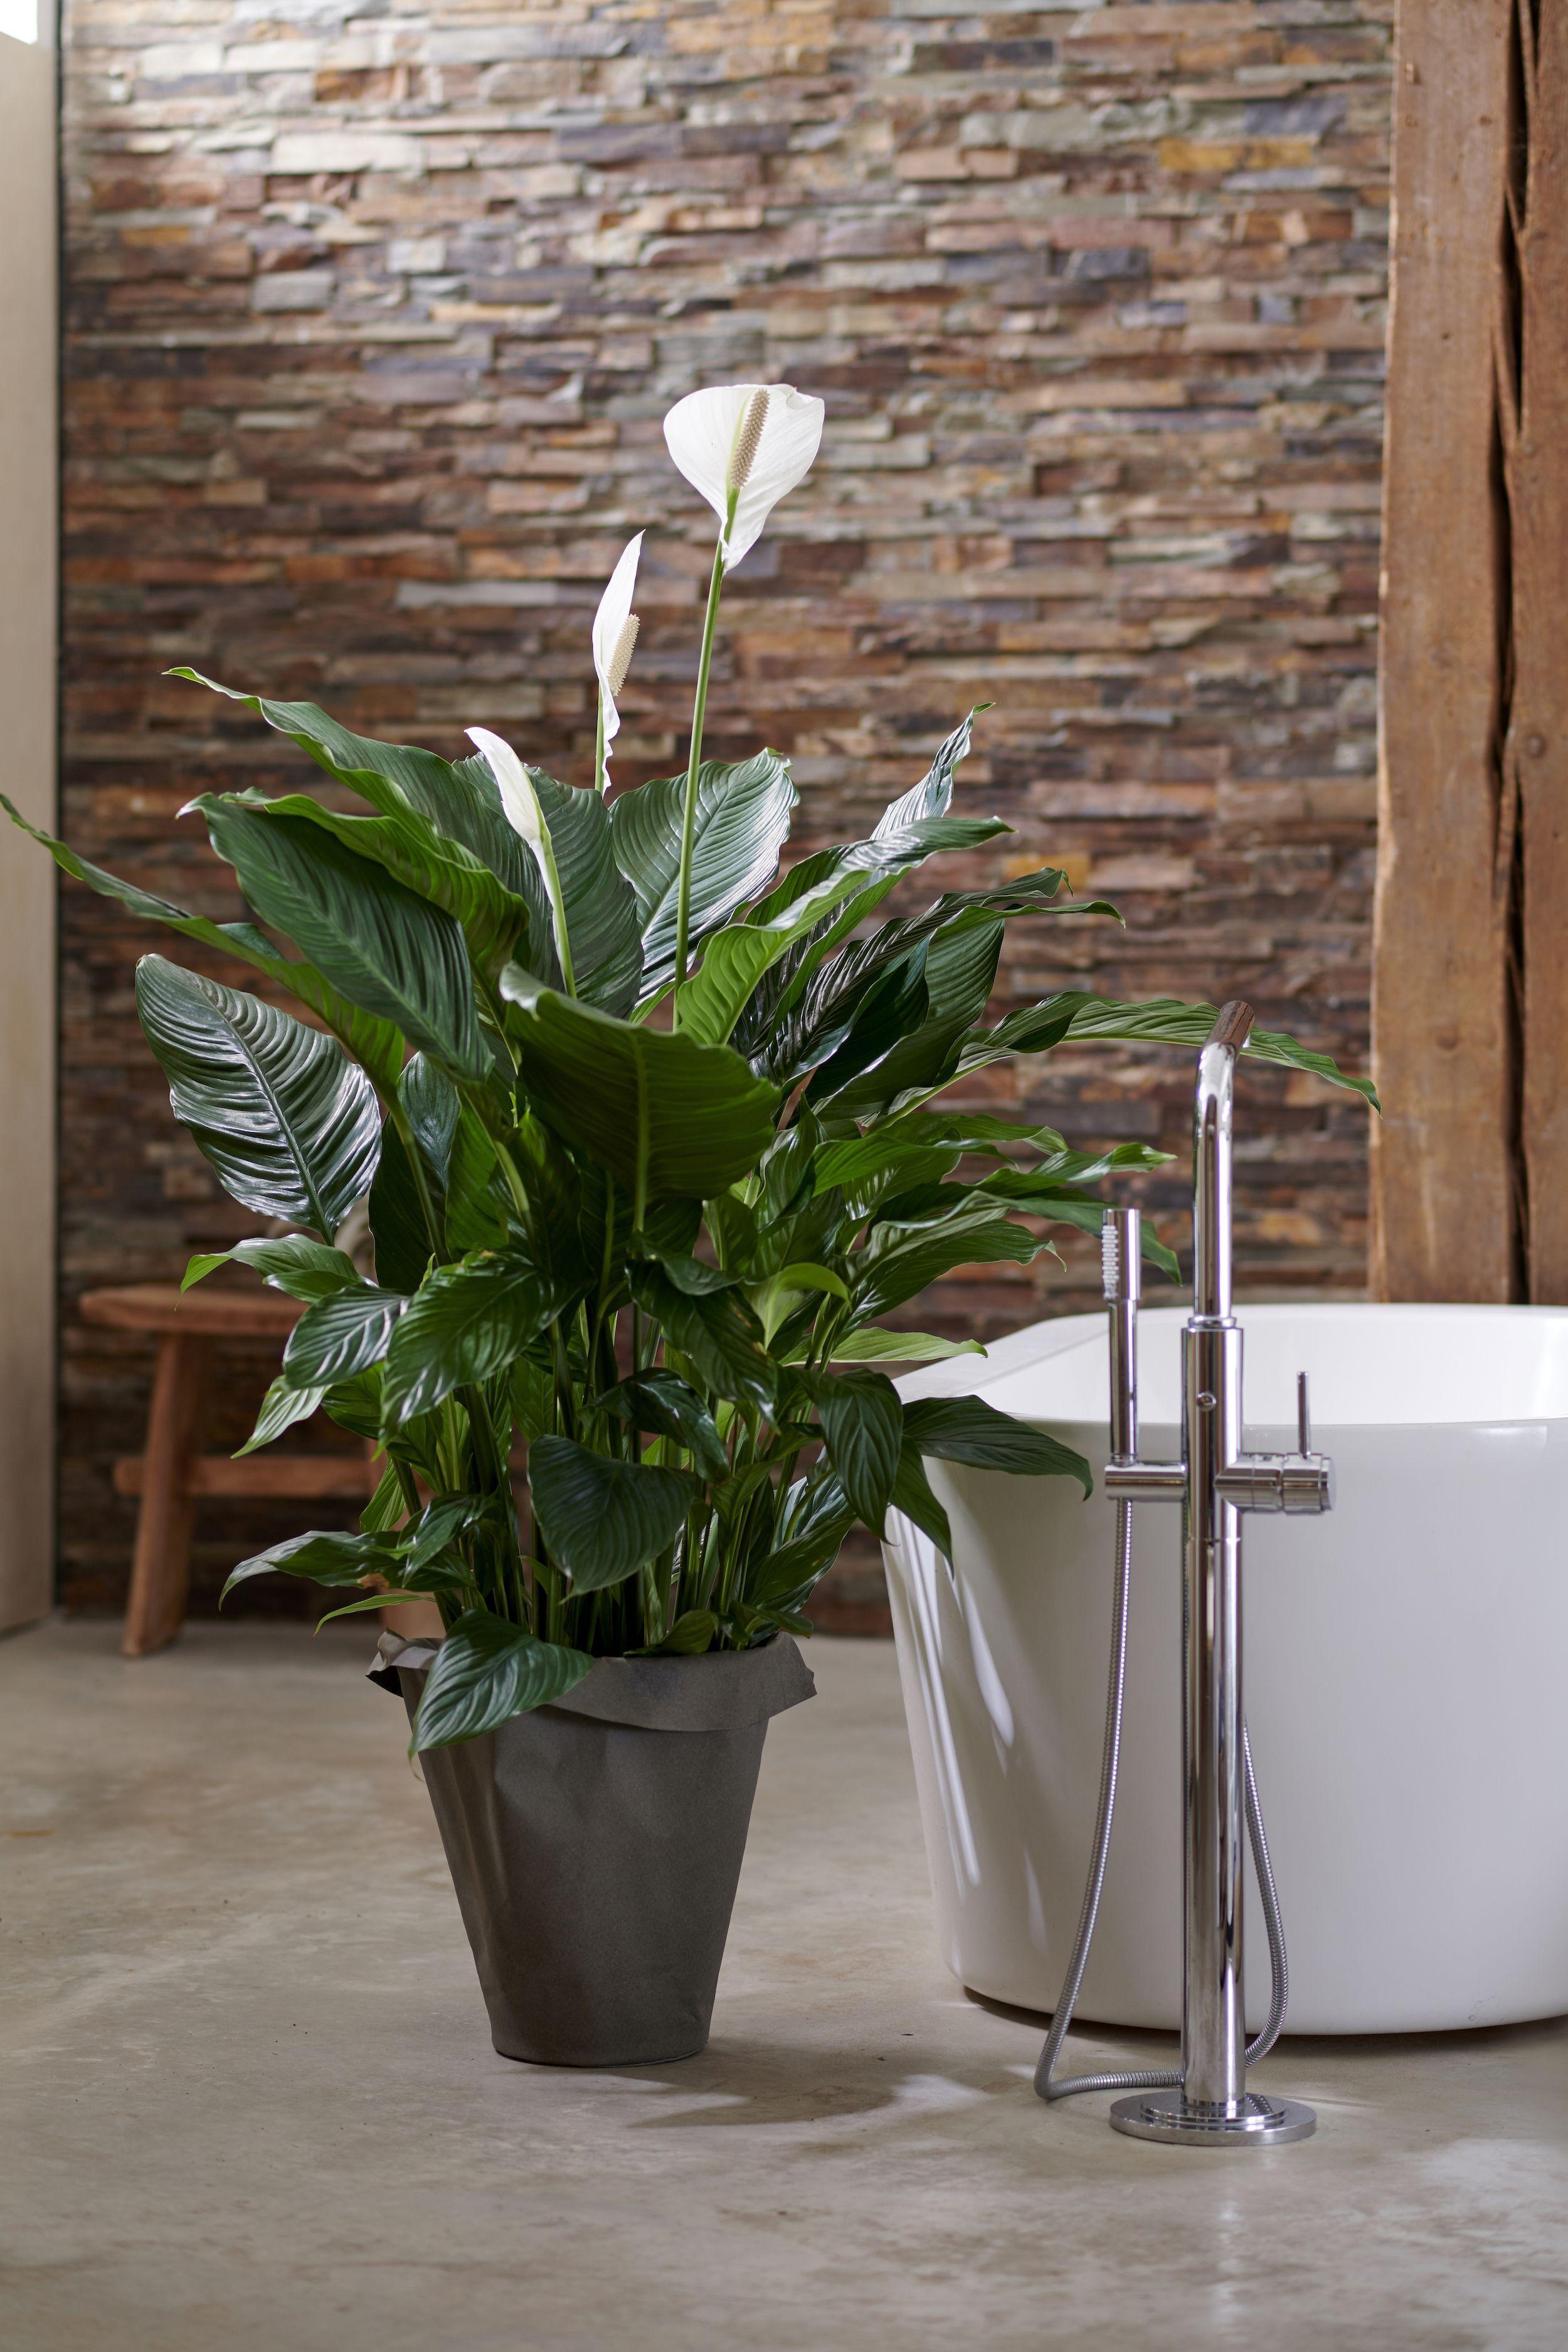 Badezimmerpflanzen Fur Den Mai Badezimmerpflanzen Pflanzen Im Badezimmer Balkon Pflanzen Pflegeleicht